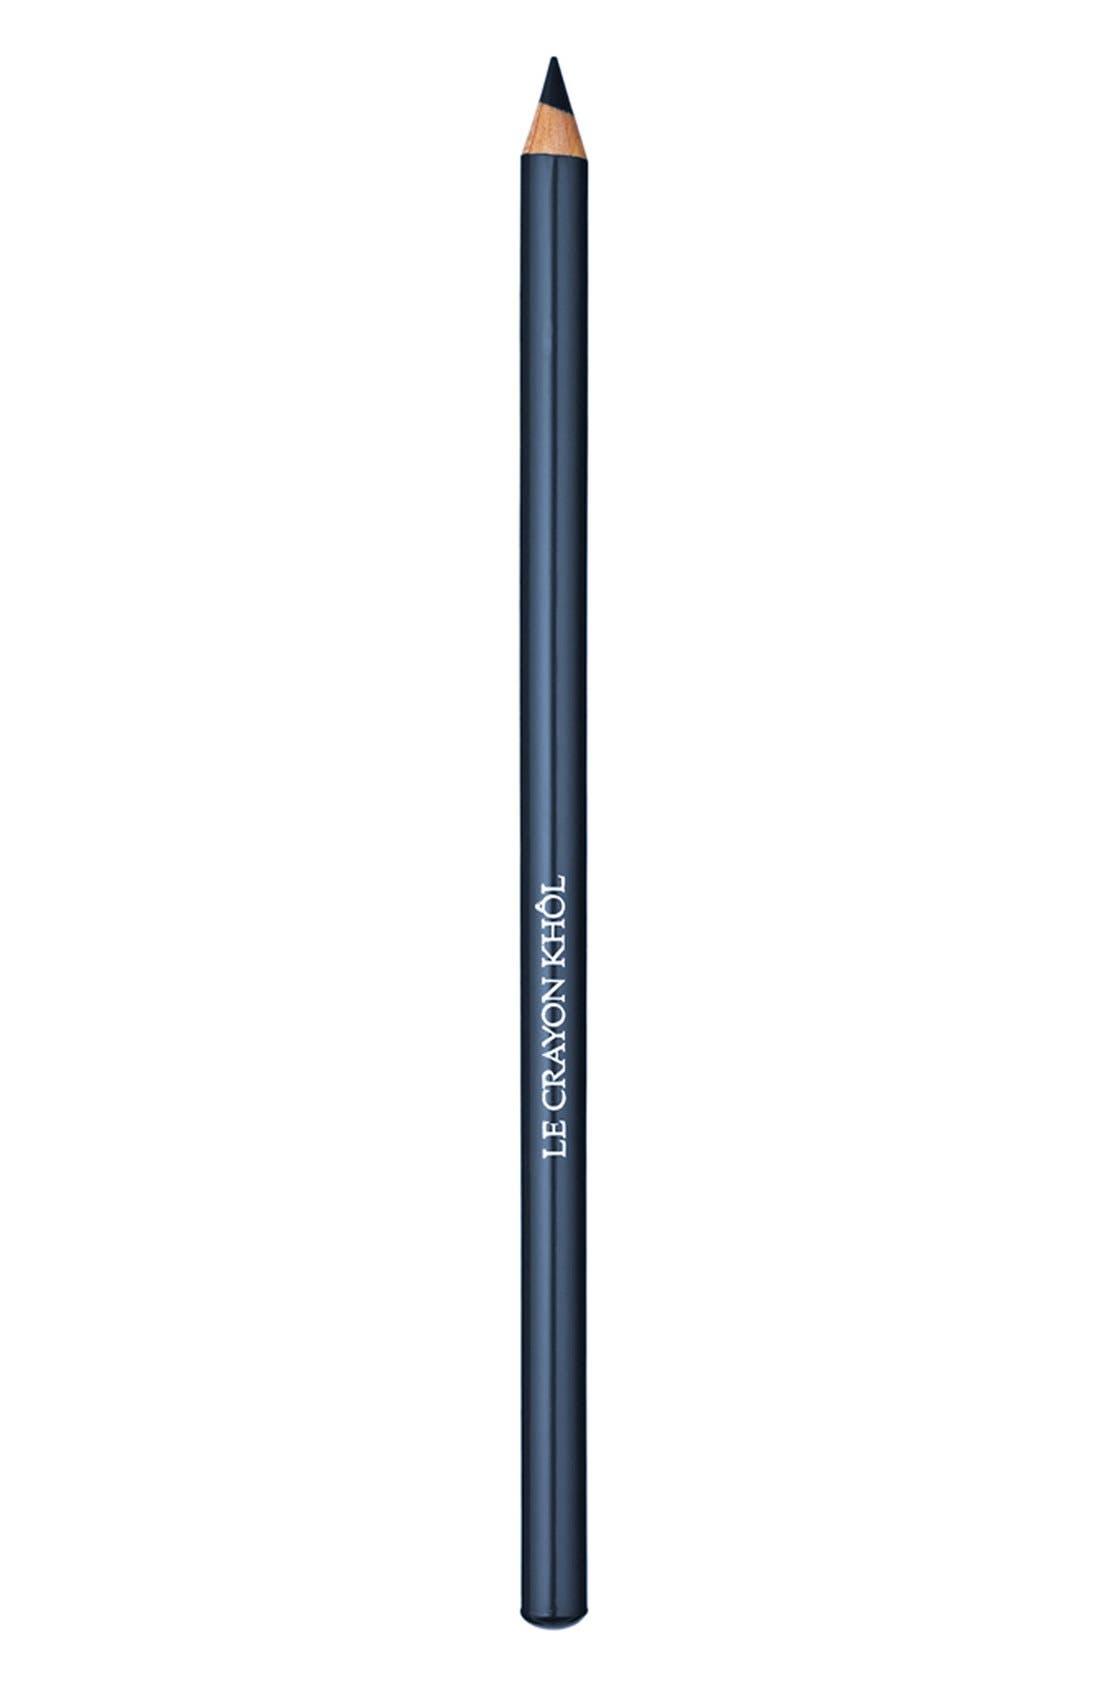 Lancome Le Crayon Khol Eyeliner - Black Lapis